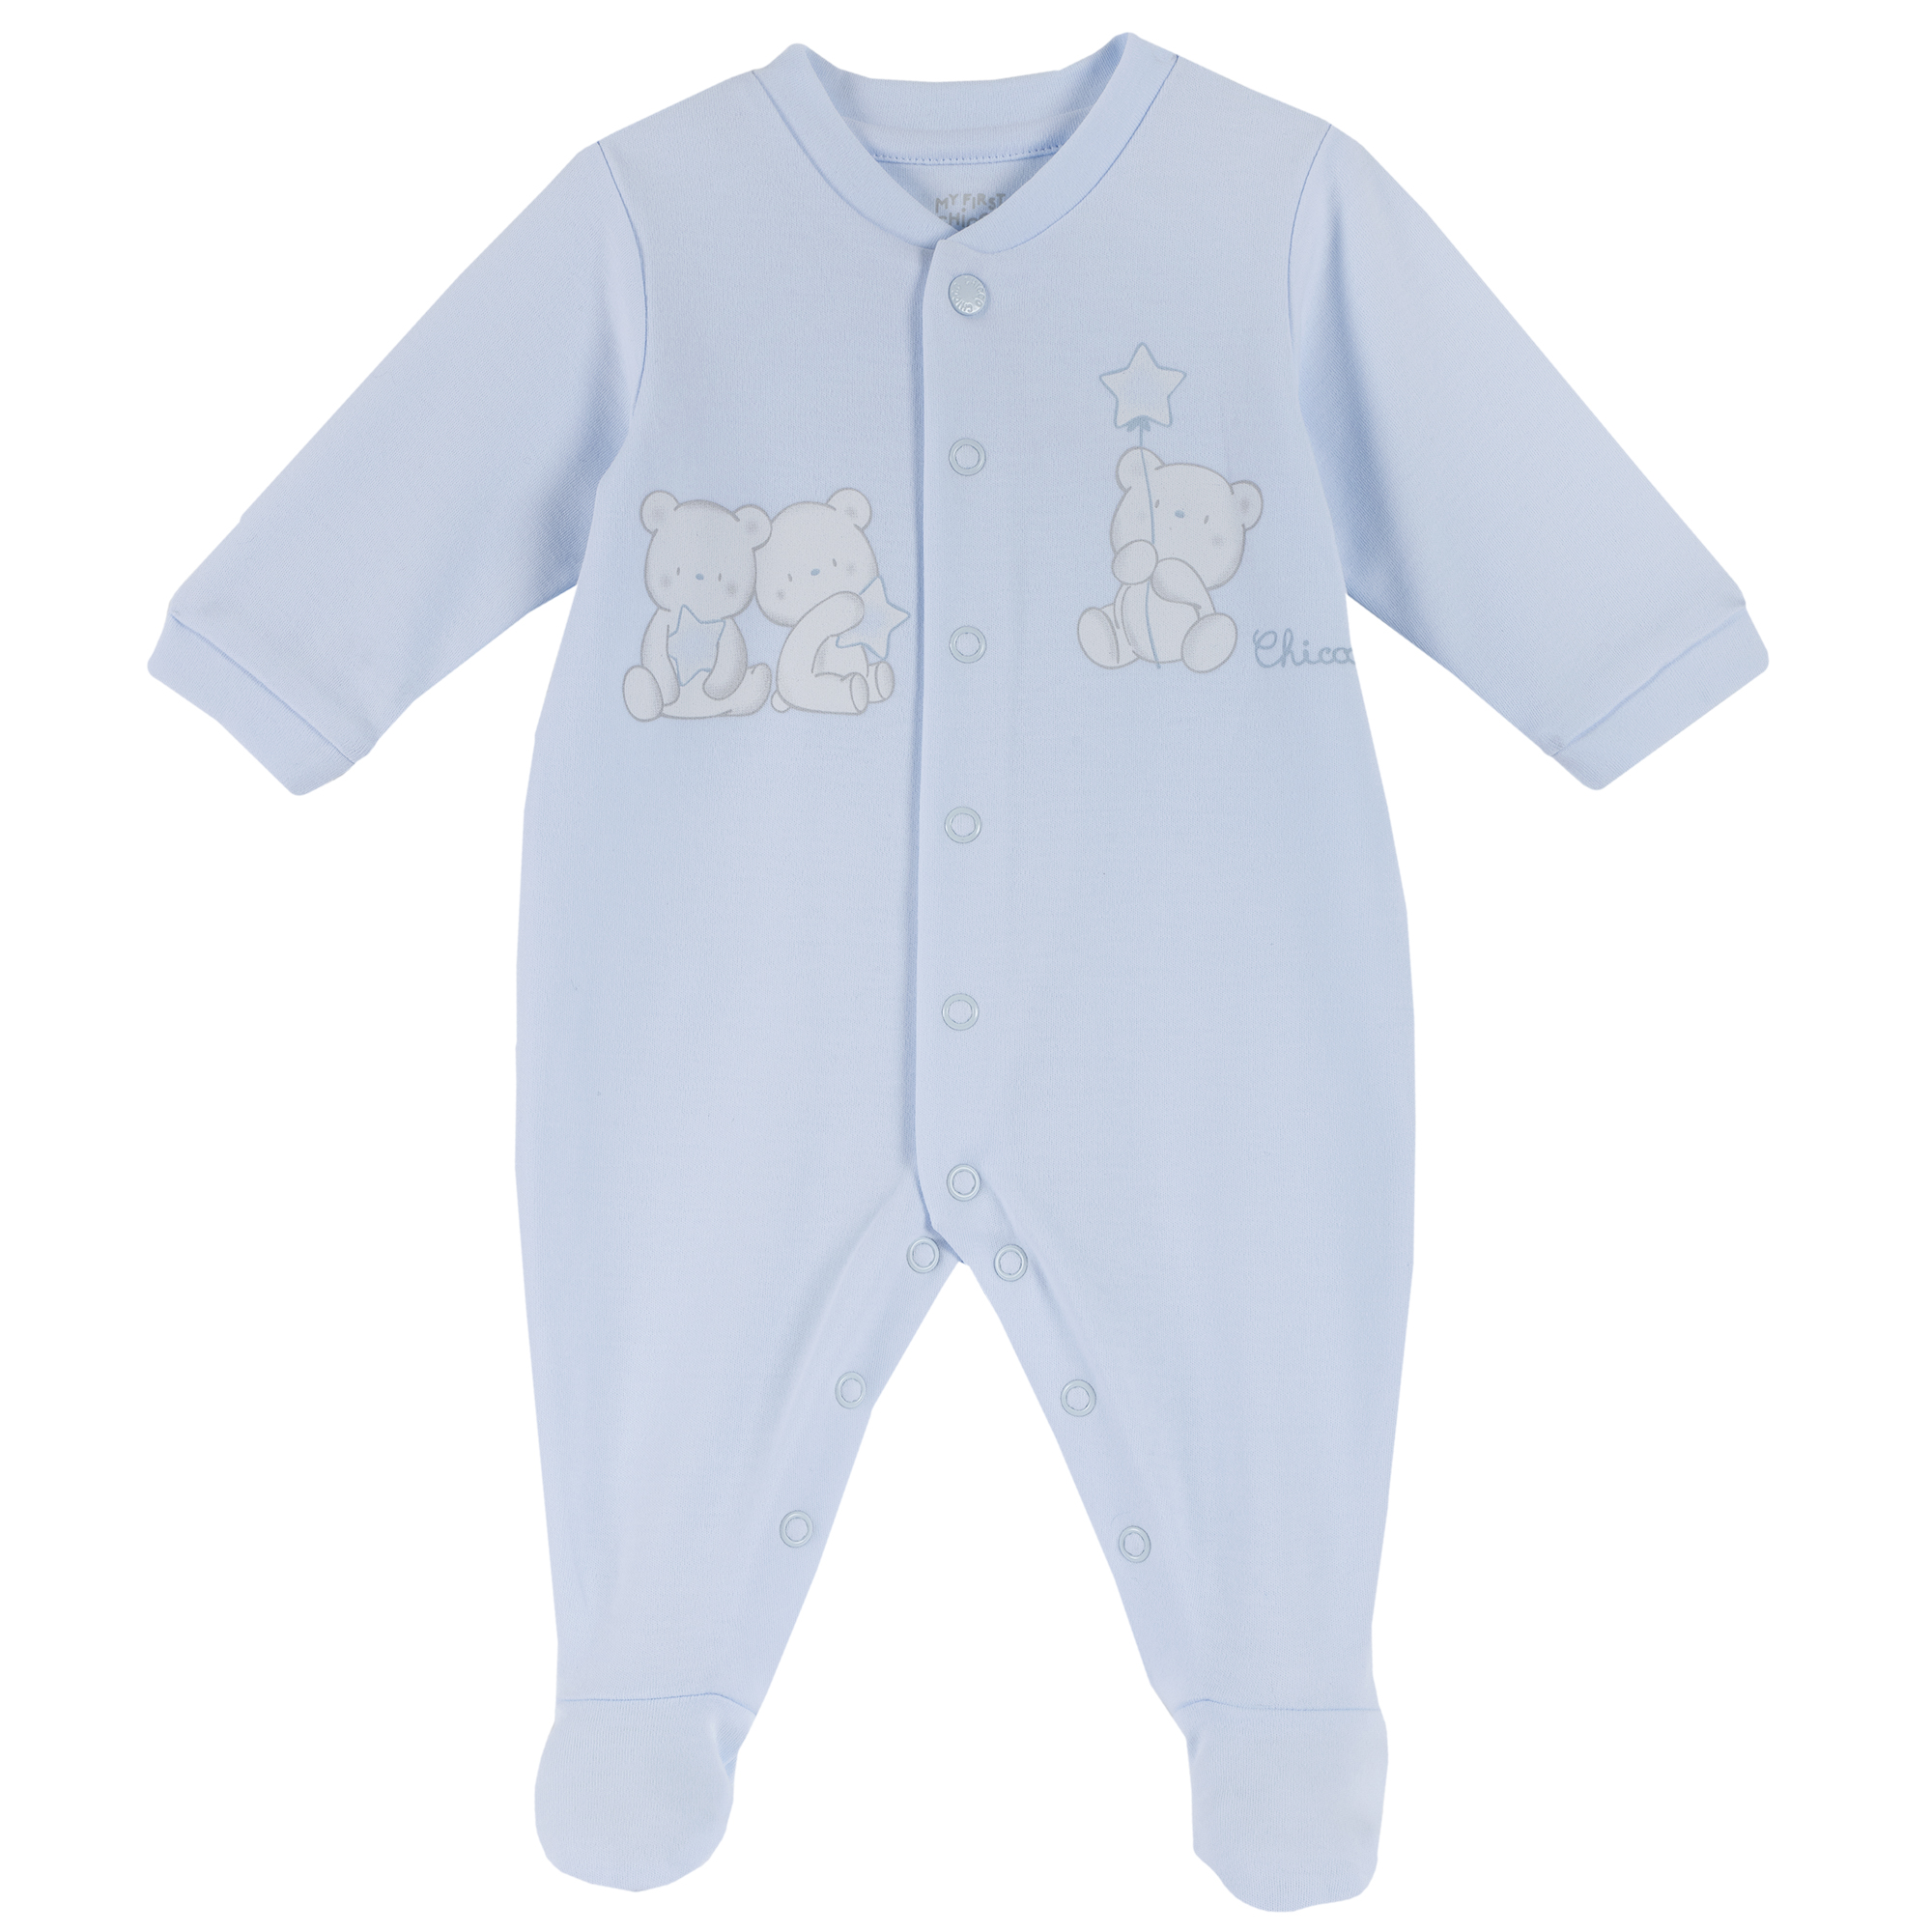 Salopeta copii Chicco, albastru, imprimeu ursuleti, 21867 din categoria Salopete/Body